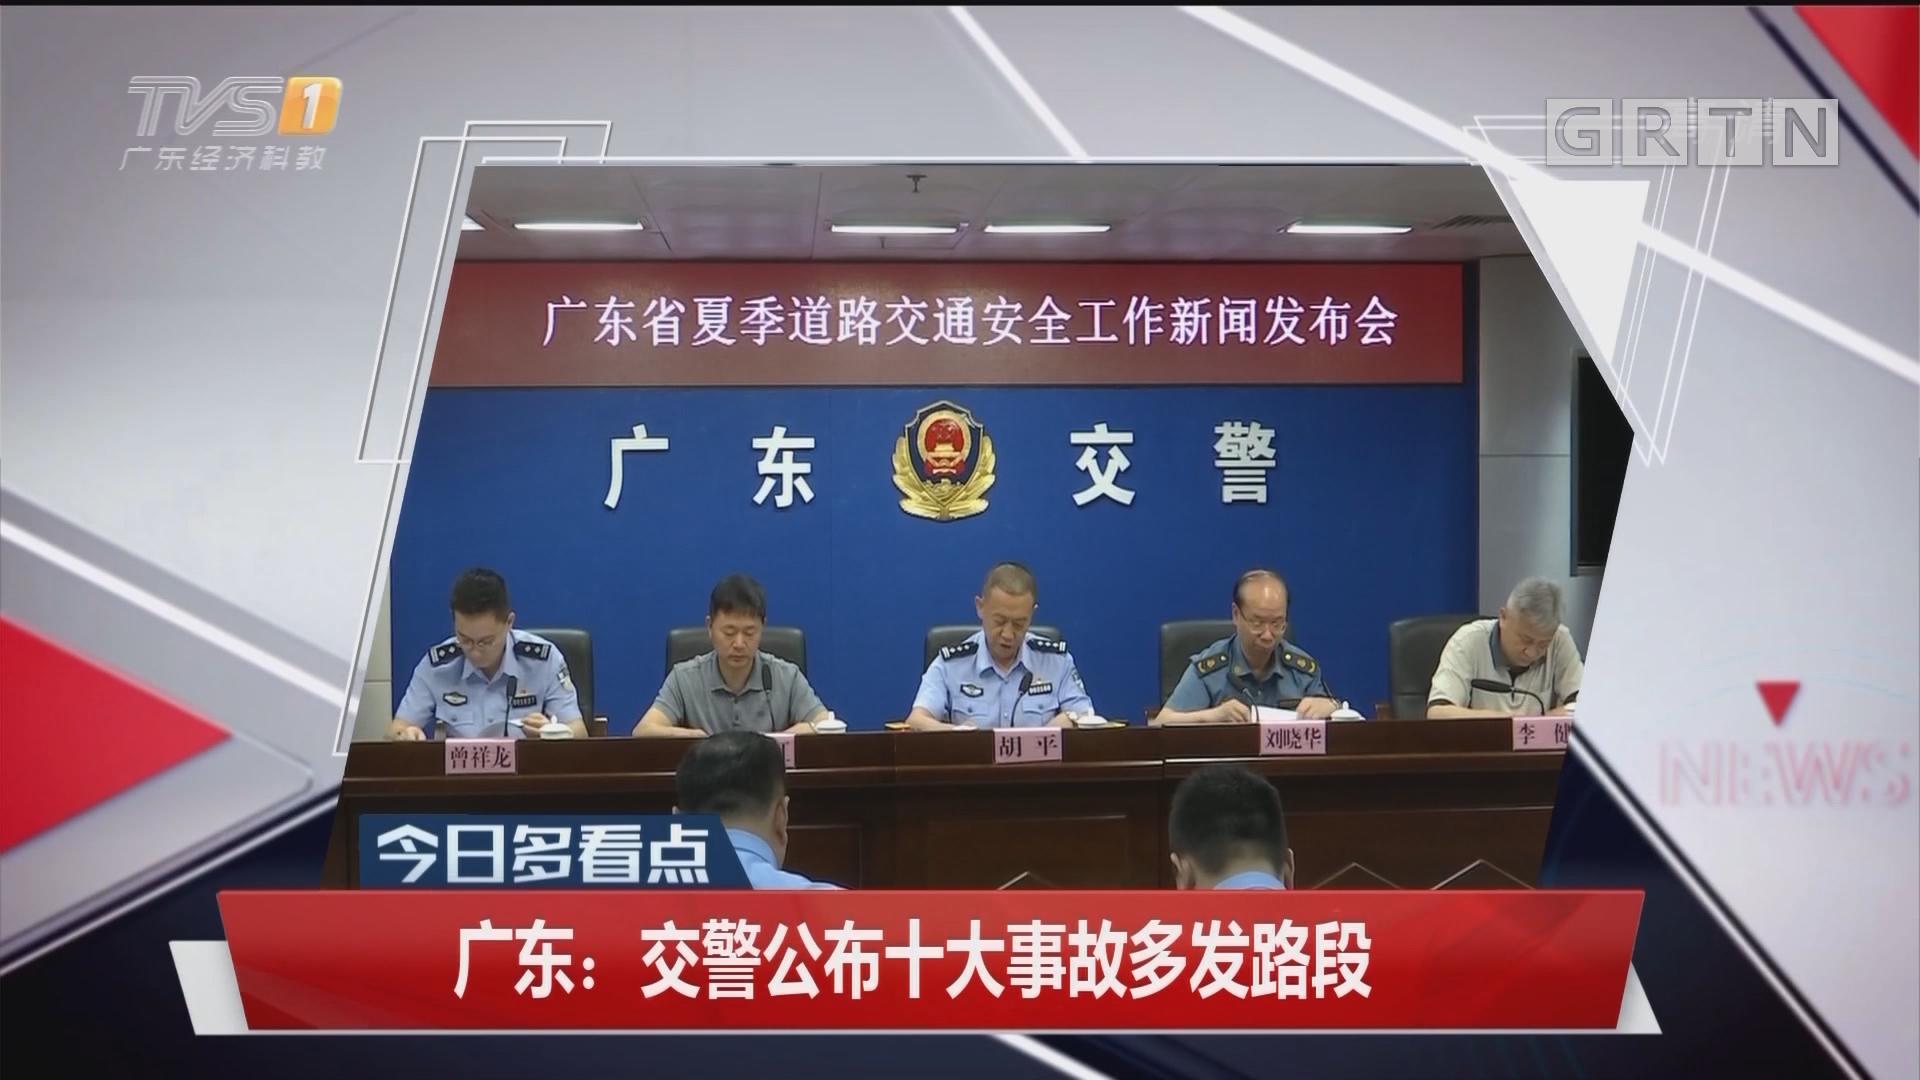 广东:交警公布十大事故多发路段